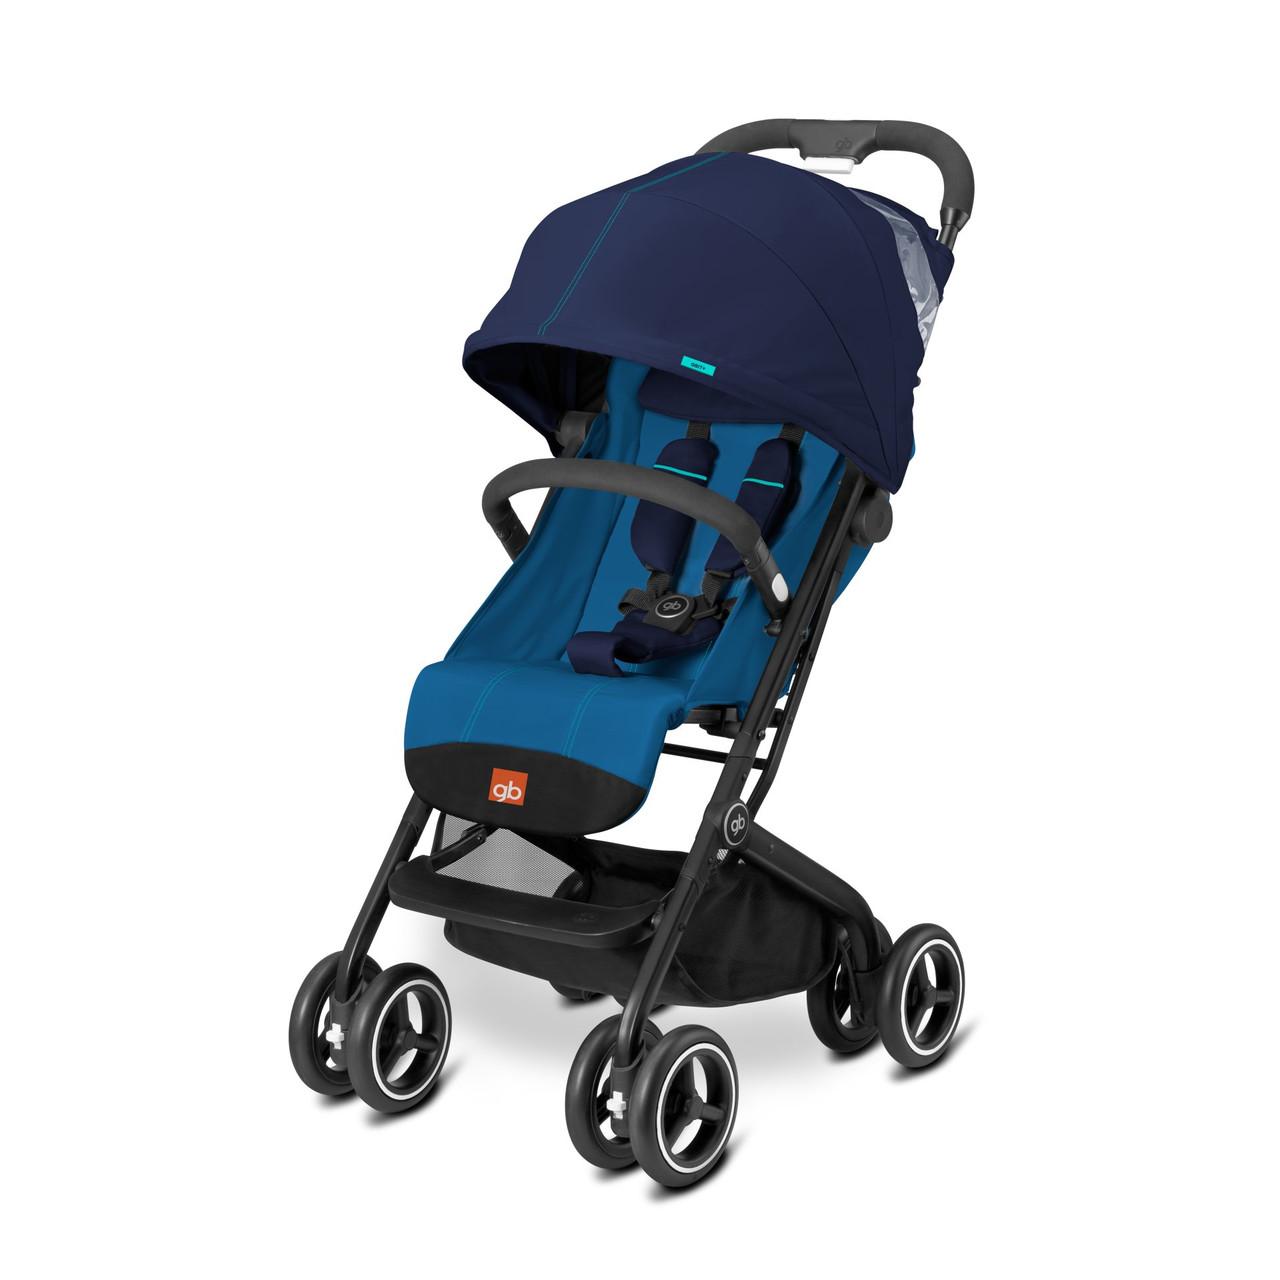 Прогулянкова коляска «gb» Qbit+ (616240010), колір Sea Port Blue (темно-синій) «gb» (616240010)